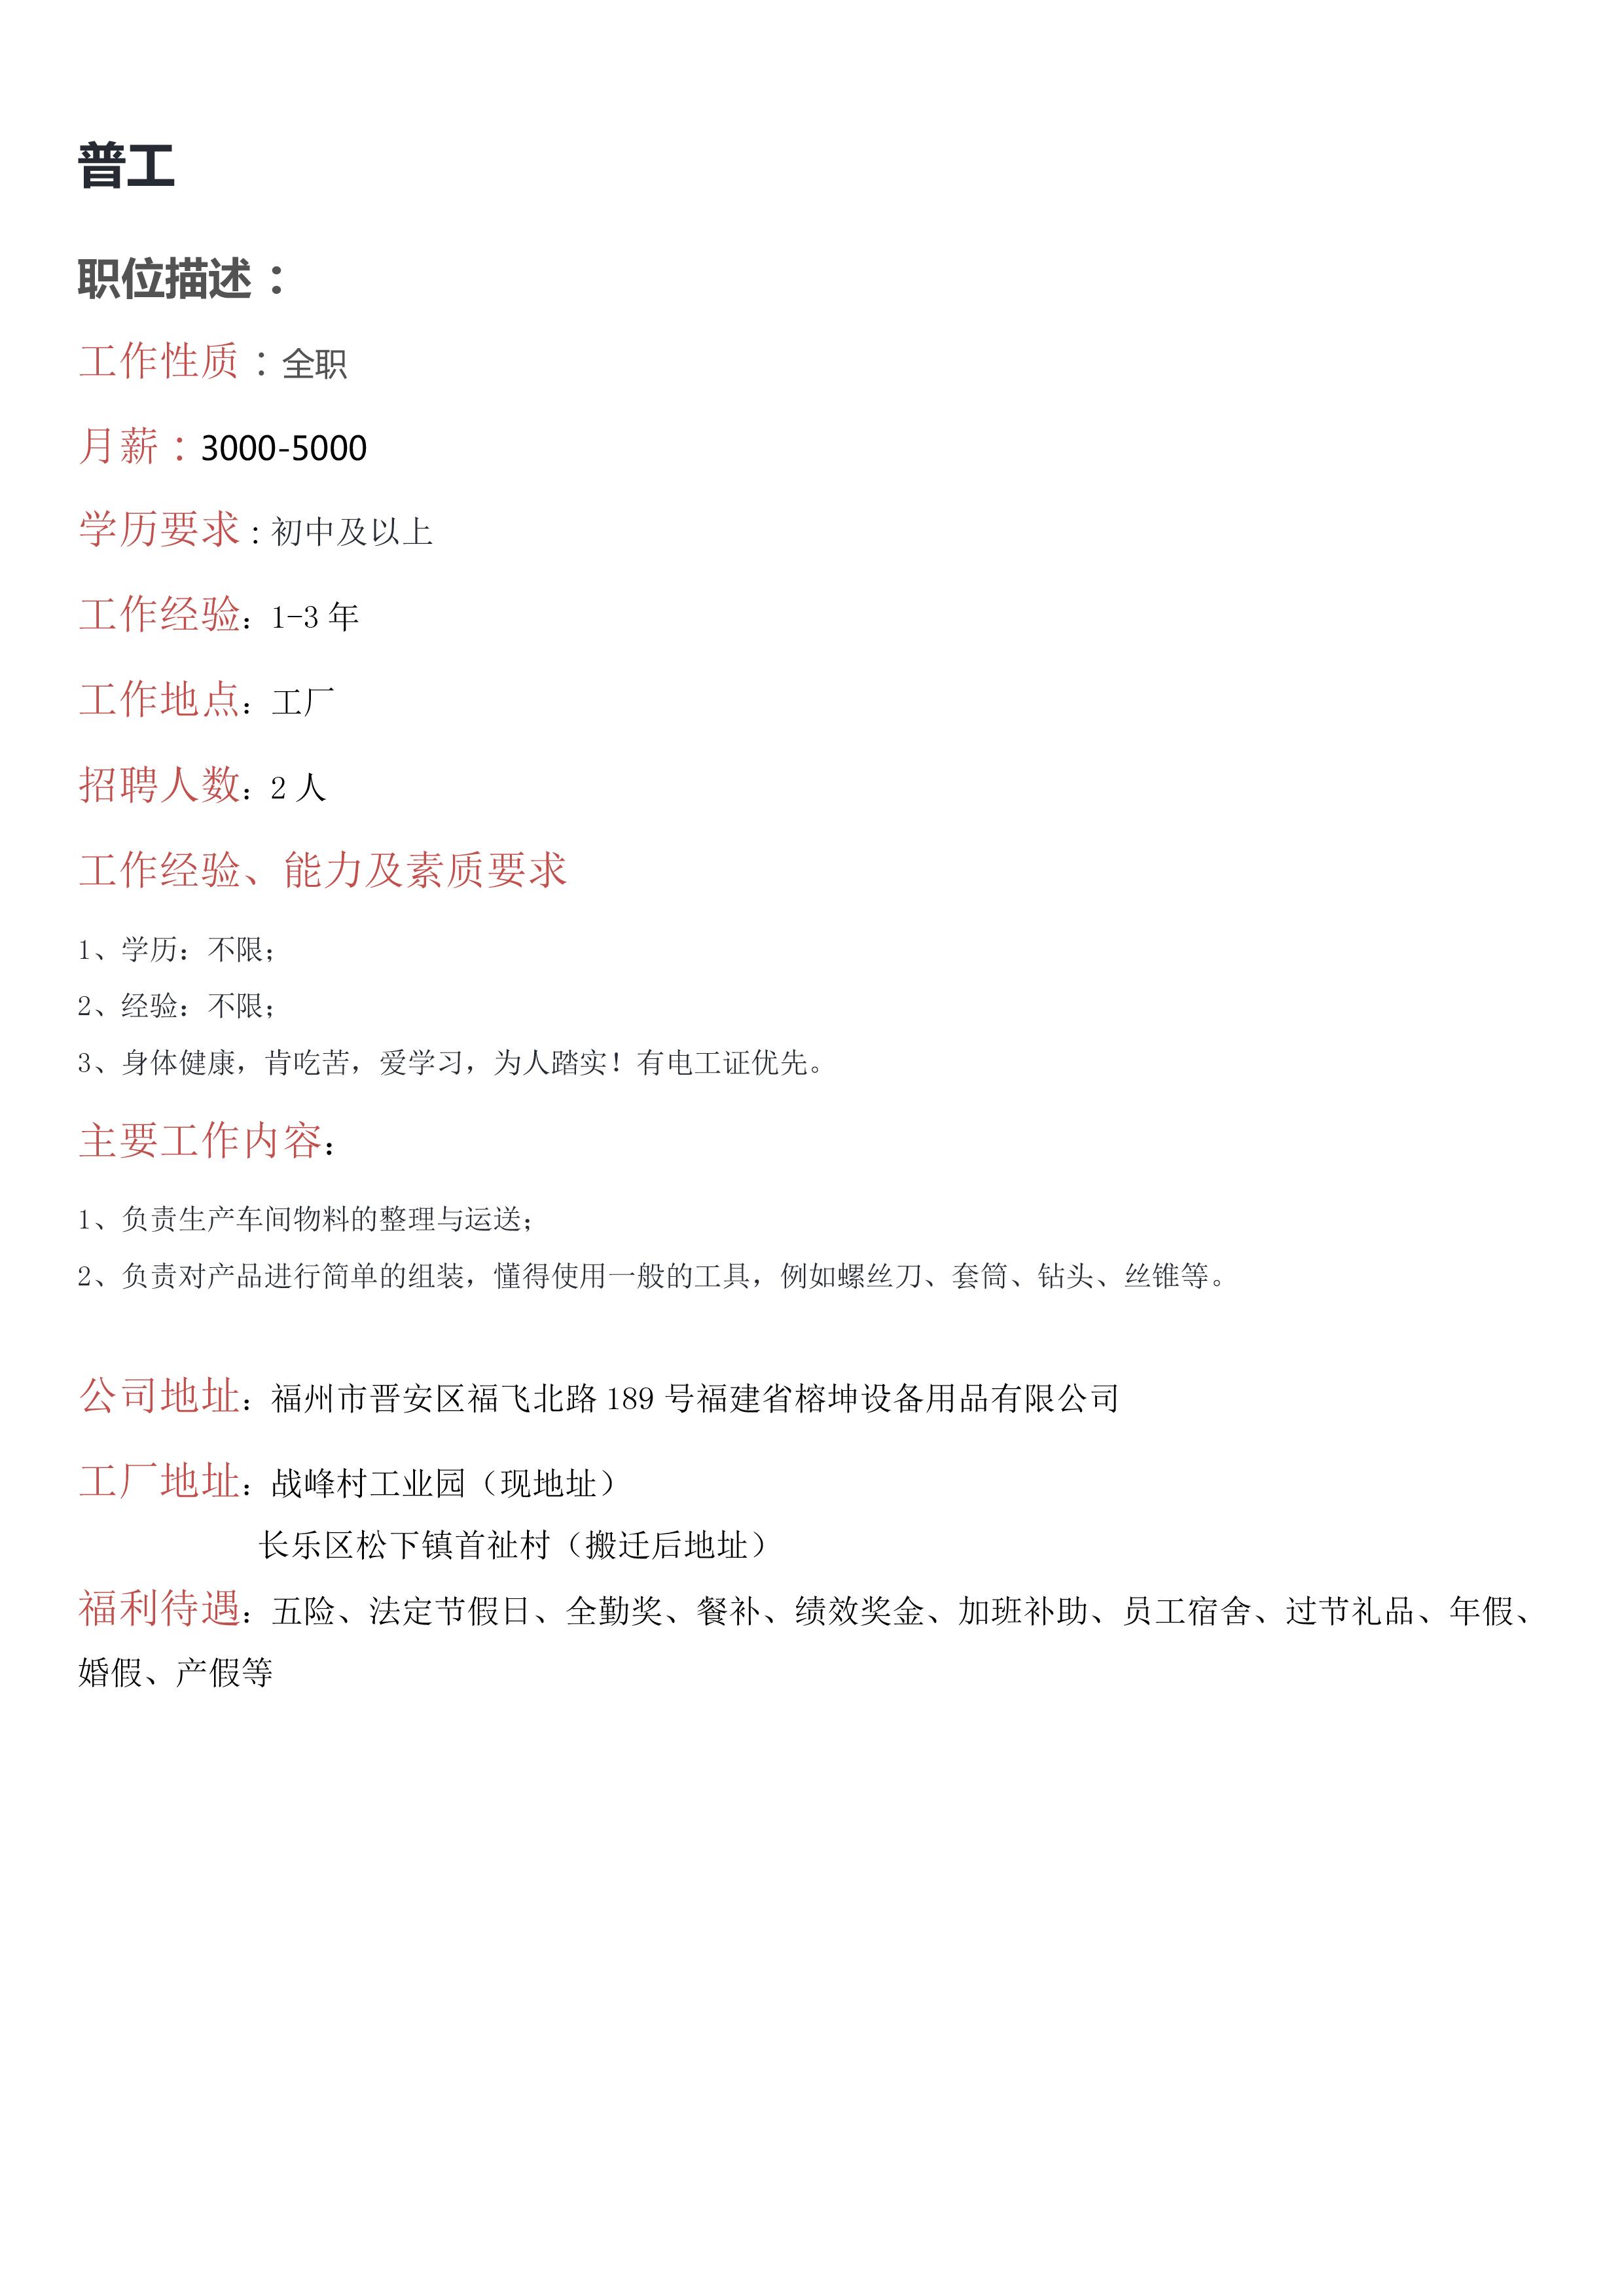 榕坤招聘岗位1-5 拷贝.jpg